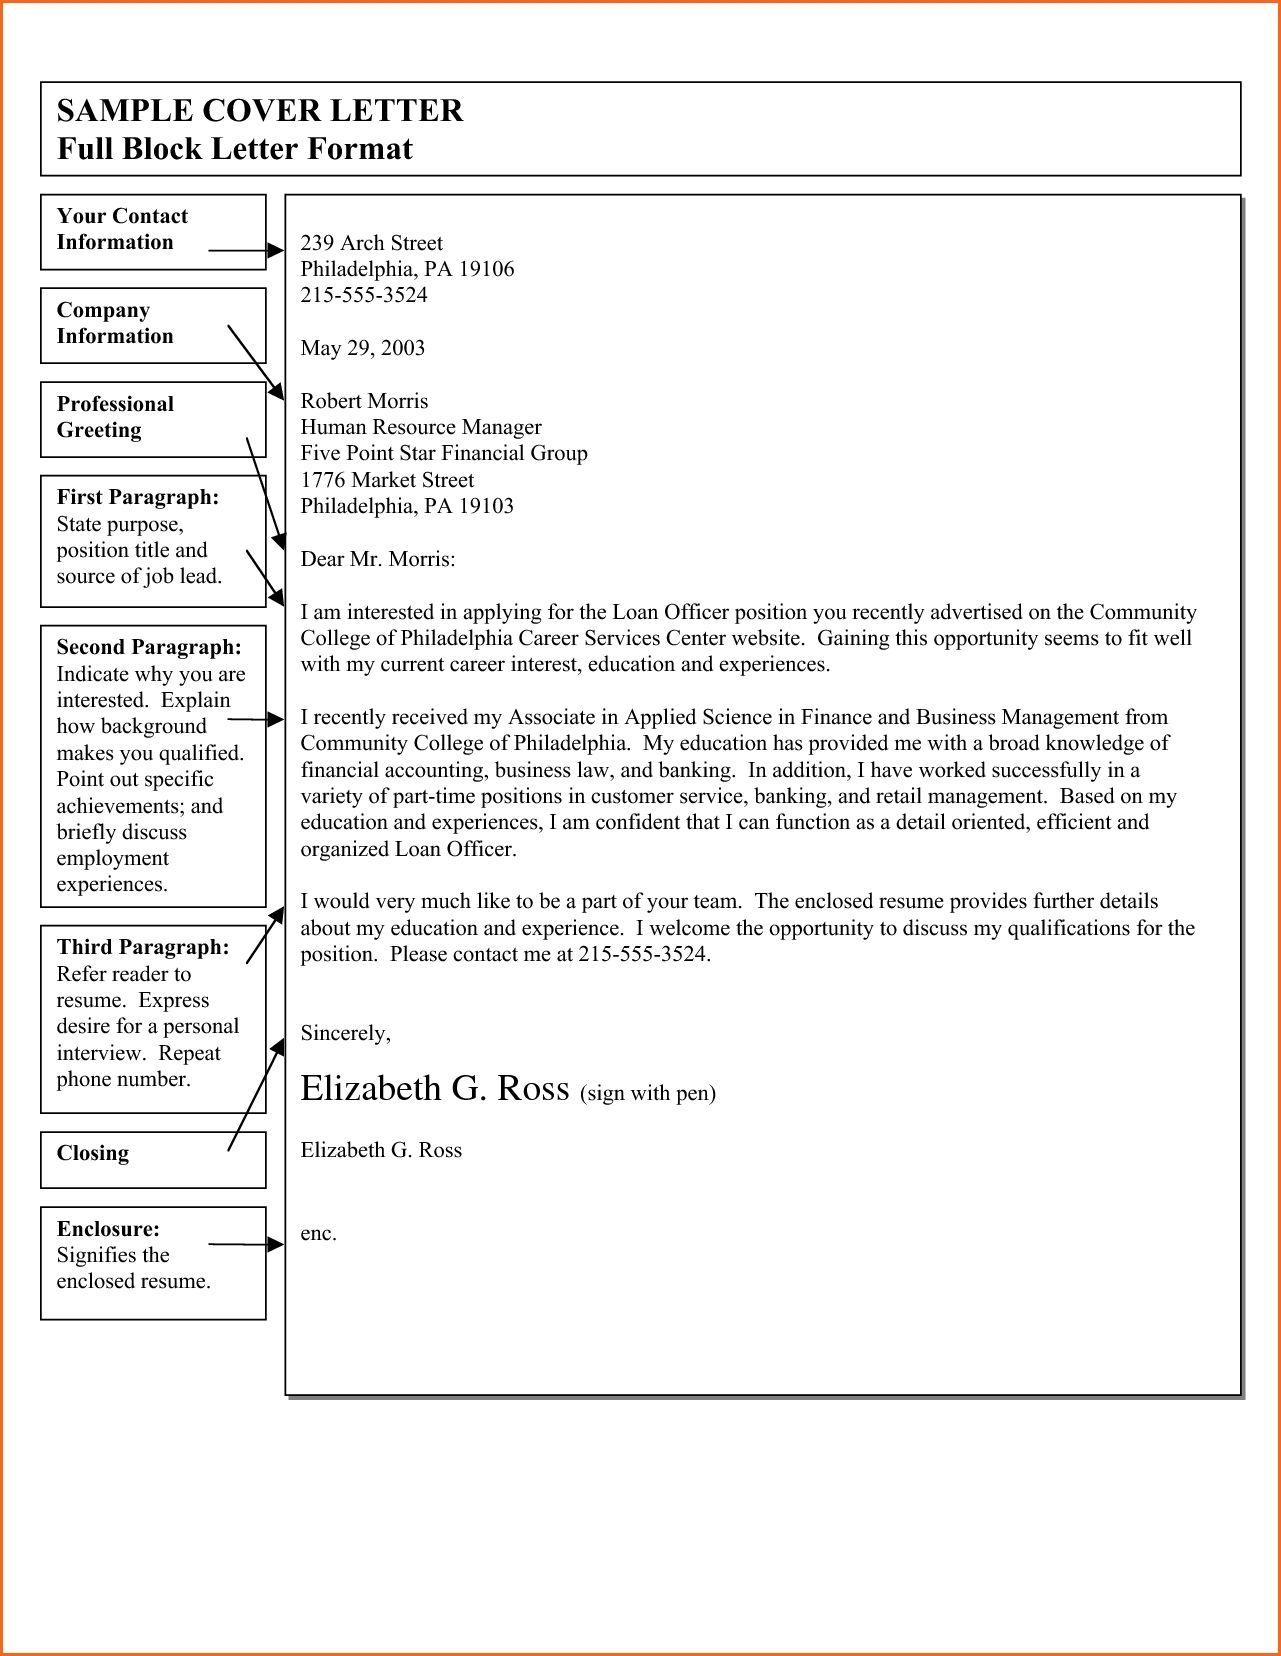 Full Block Letter Sample